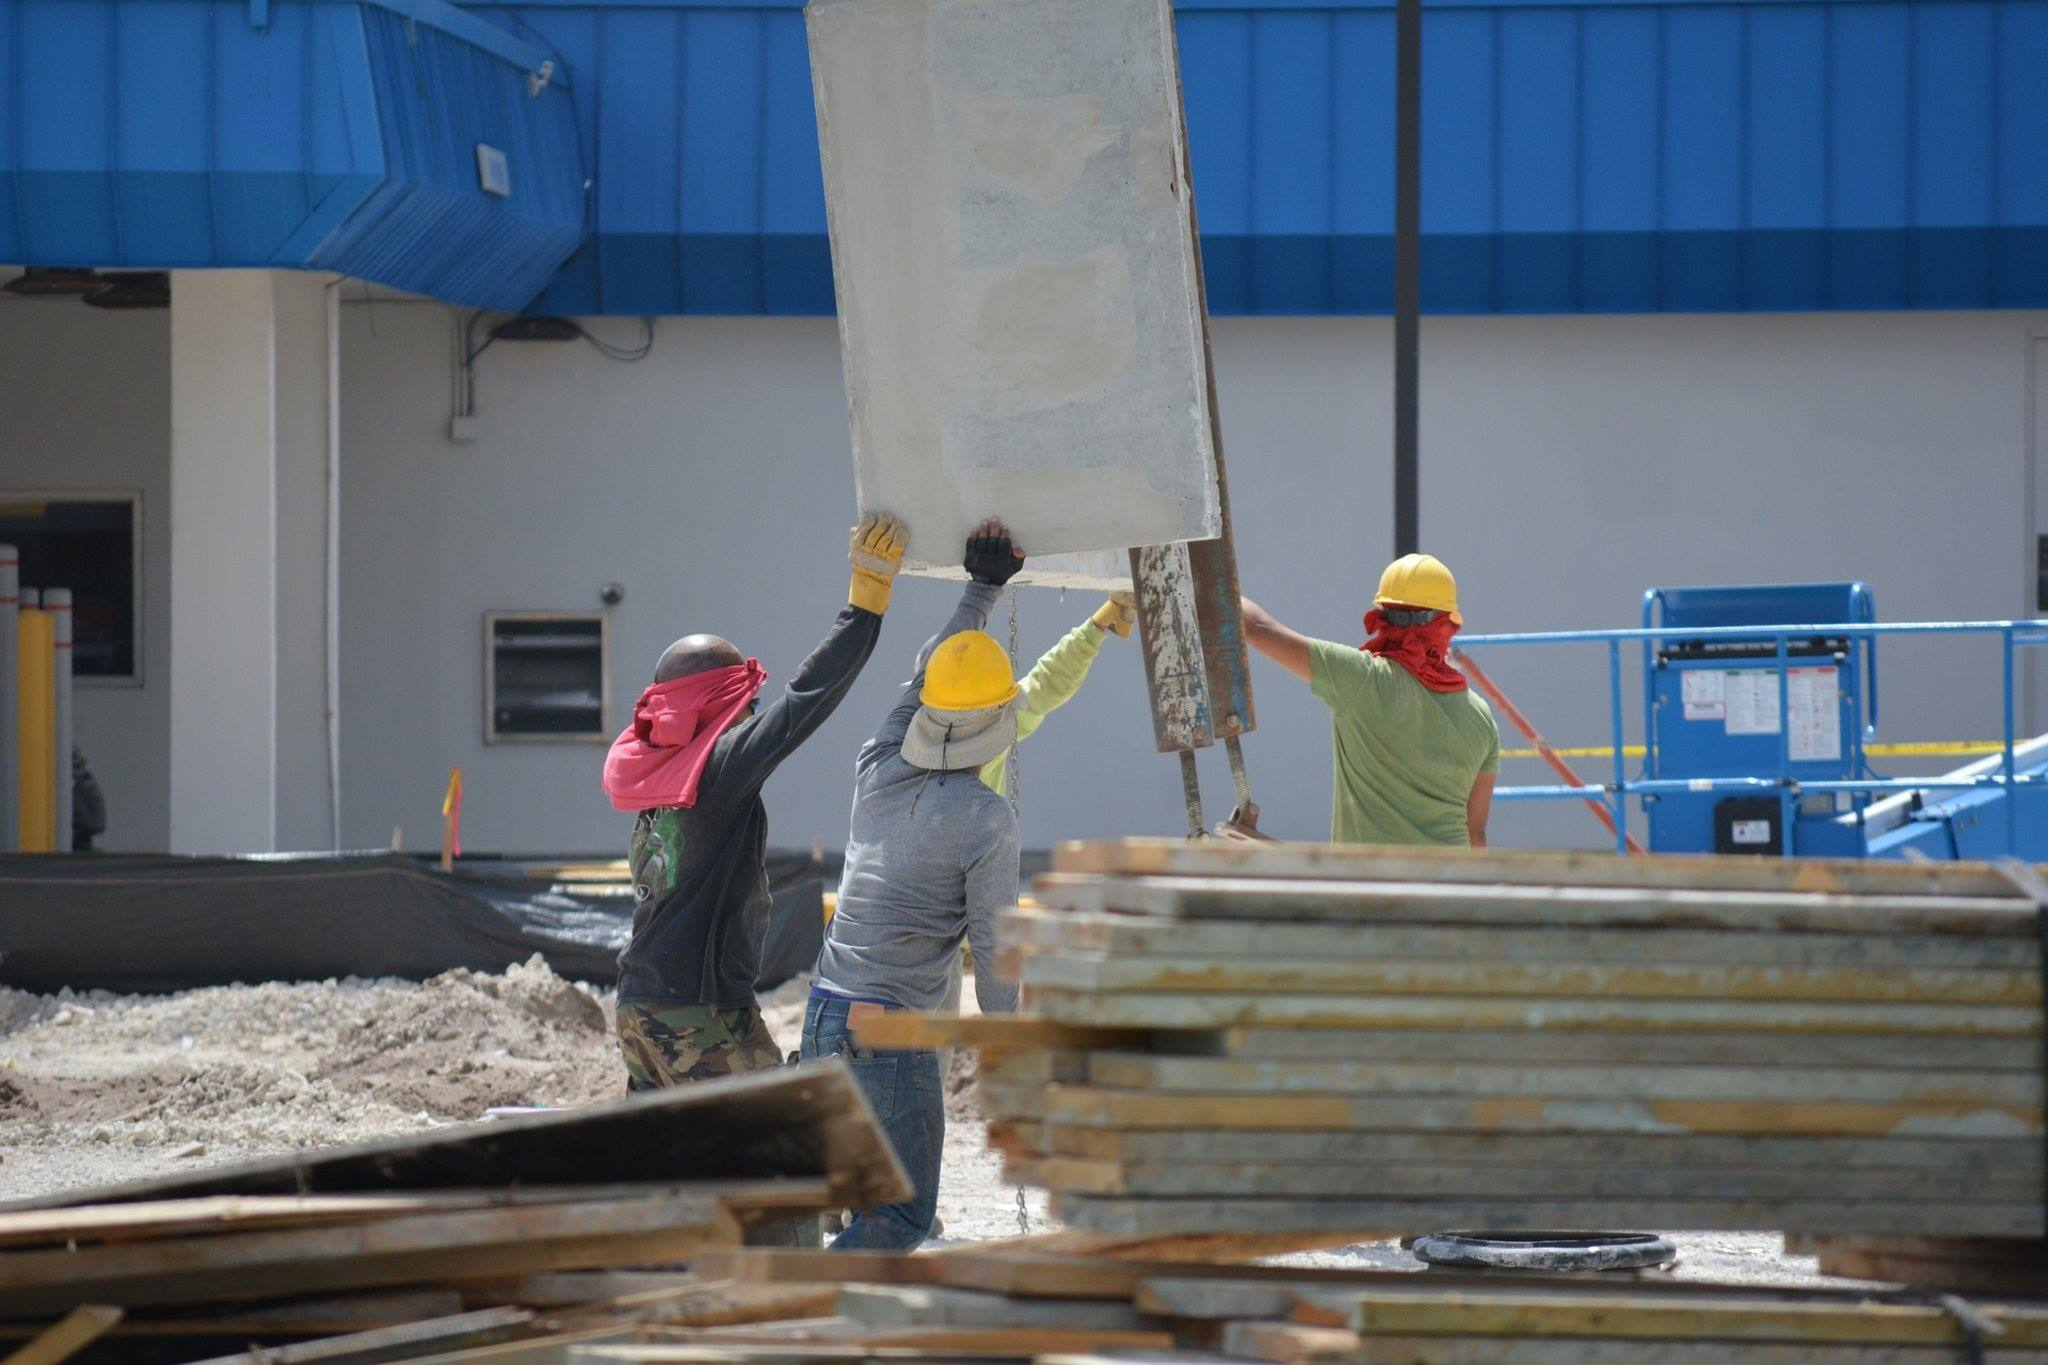 Workers builders construction industrial